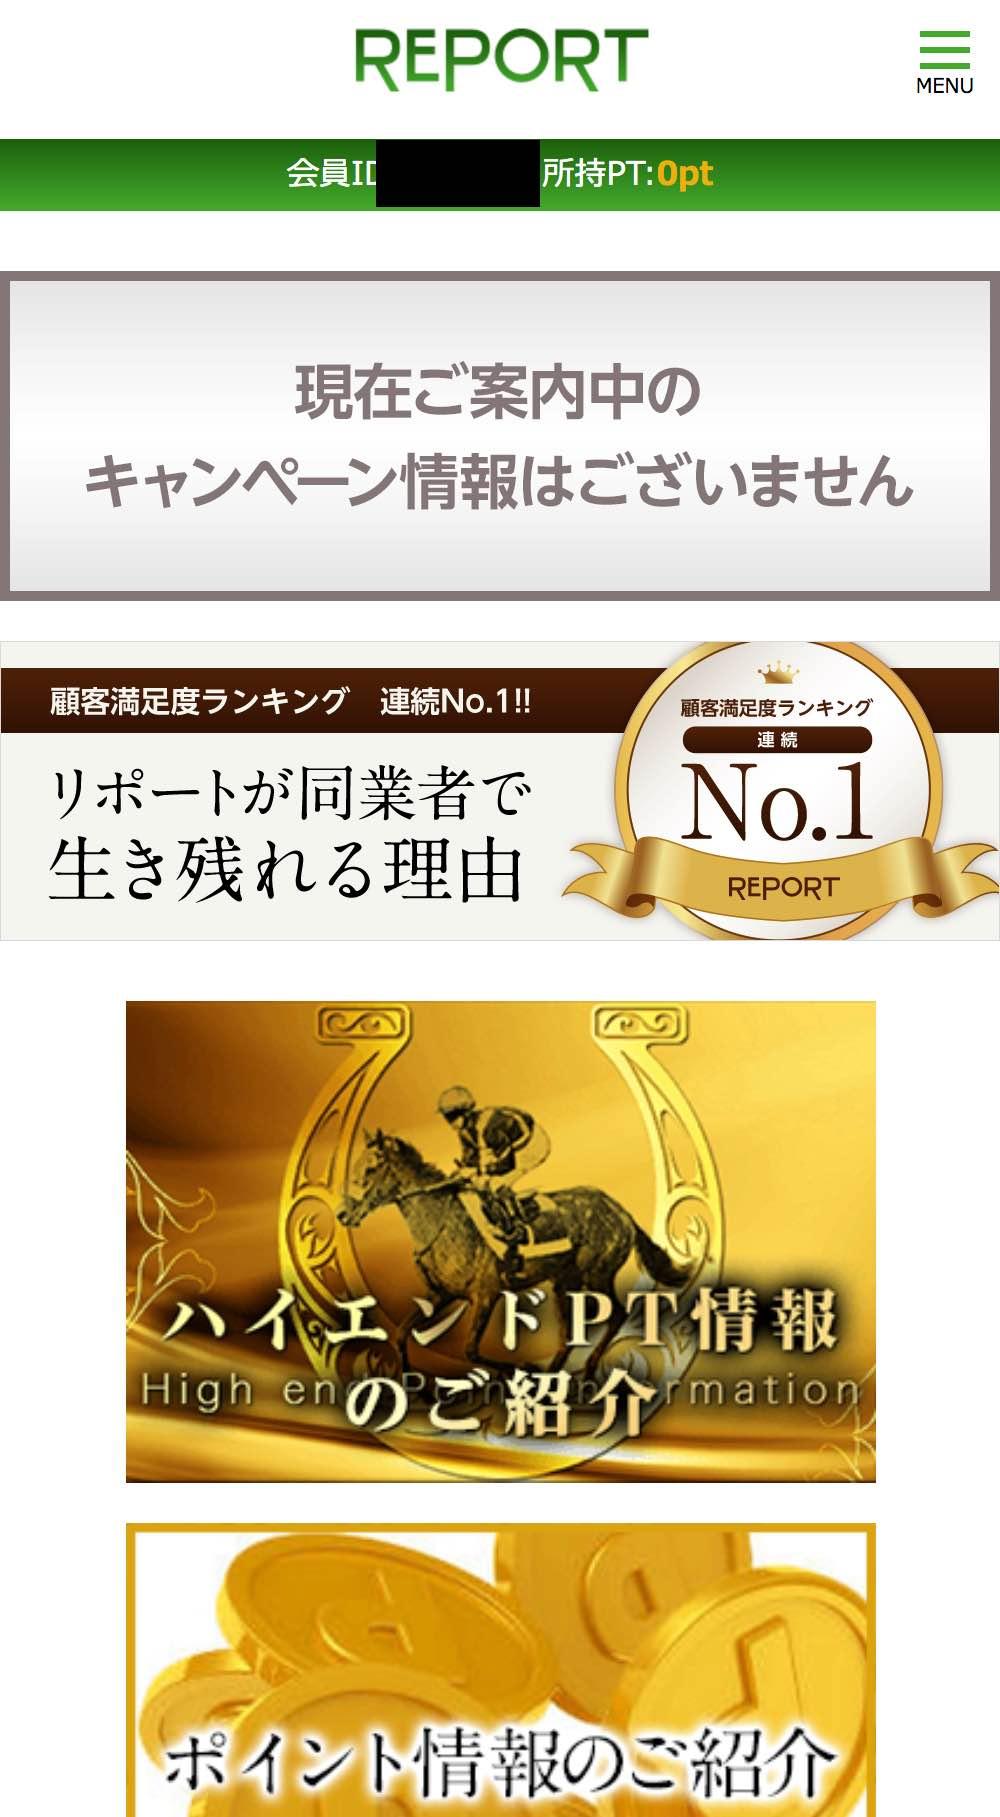 レポート(REPORT)という競馬予想サイトの会員ページ